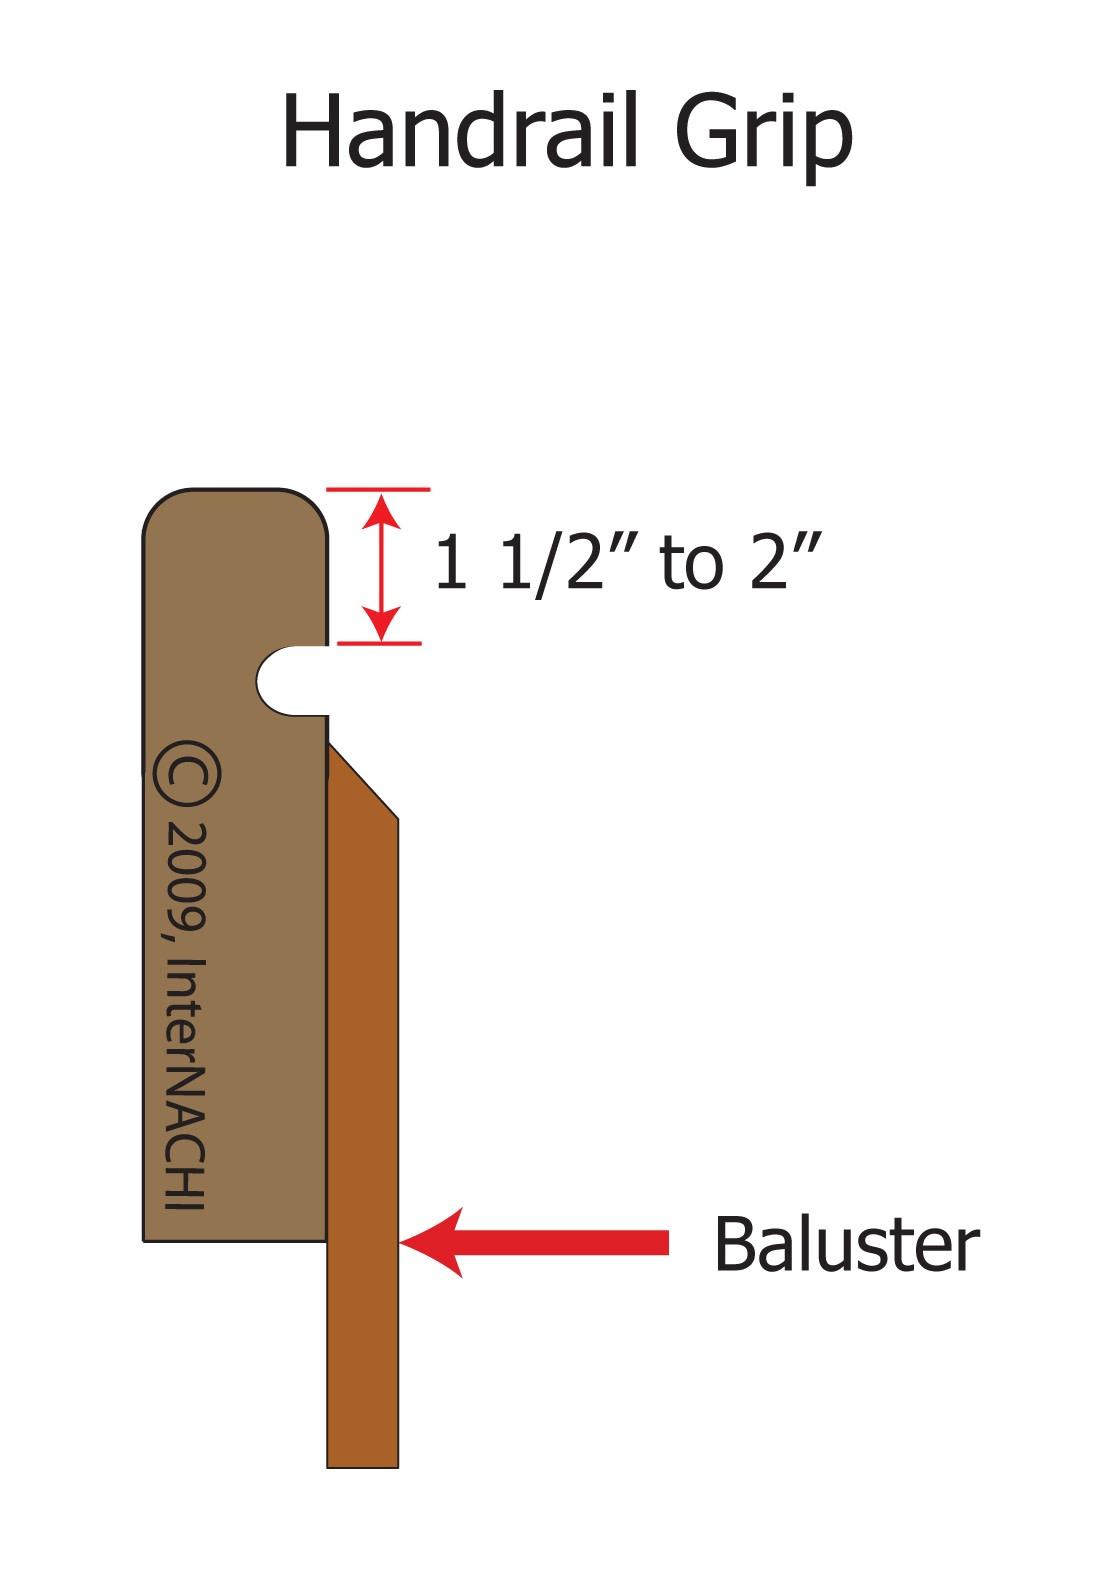 Graspable hand rail (2 finger grooves would be better).